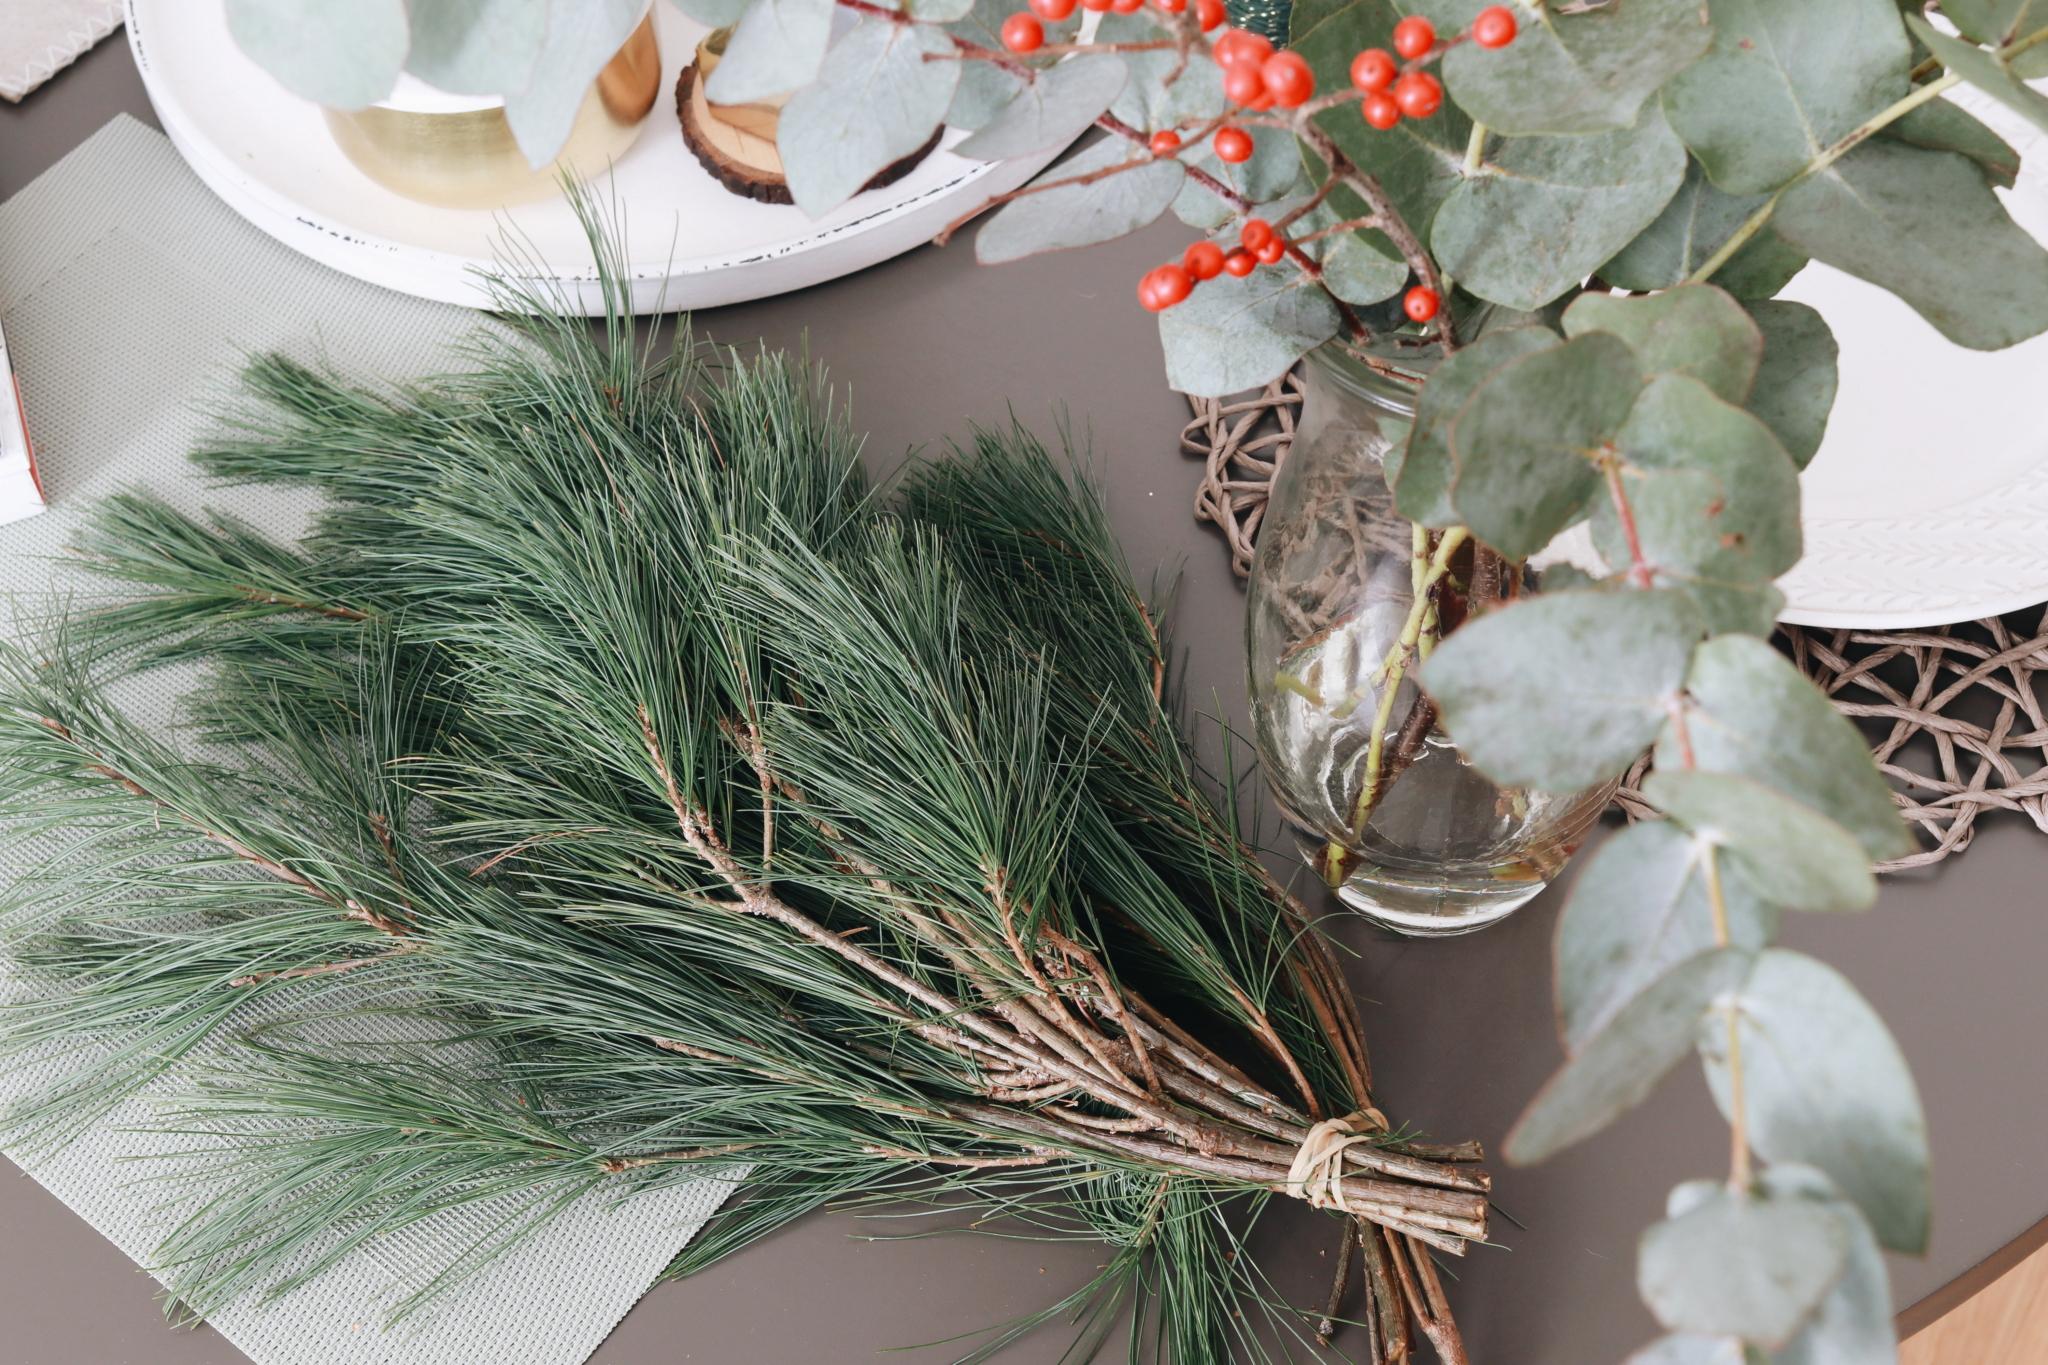 Kiefernzweige und Eukalyptus für einen DIY Adventskalender im Skandinavischen Design